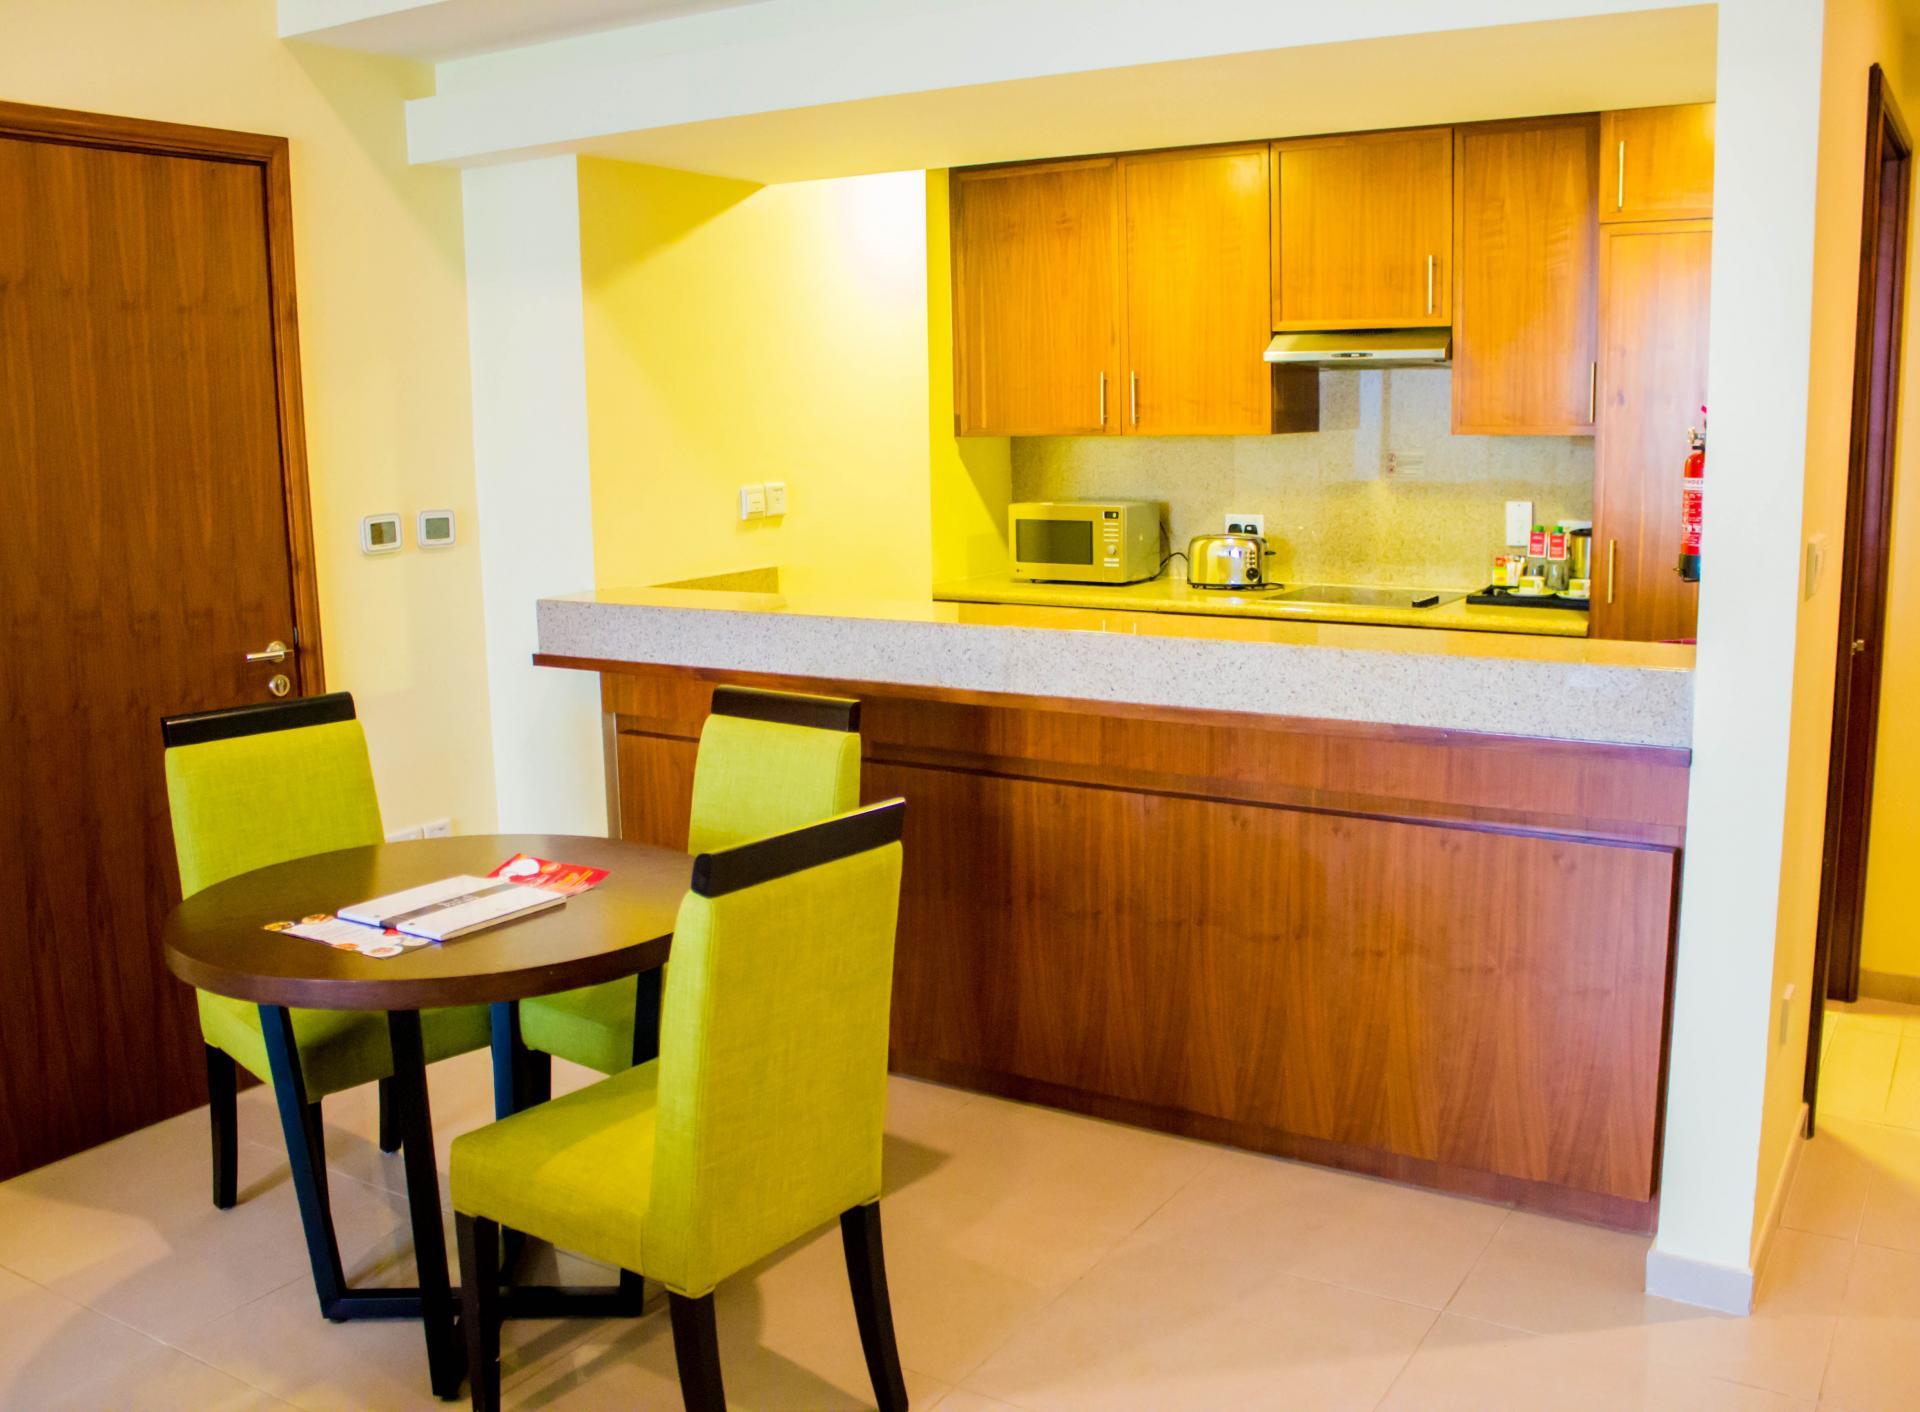 Dining table at Ramada Downtown Dubai Apartments